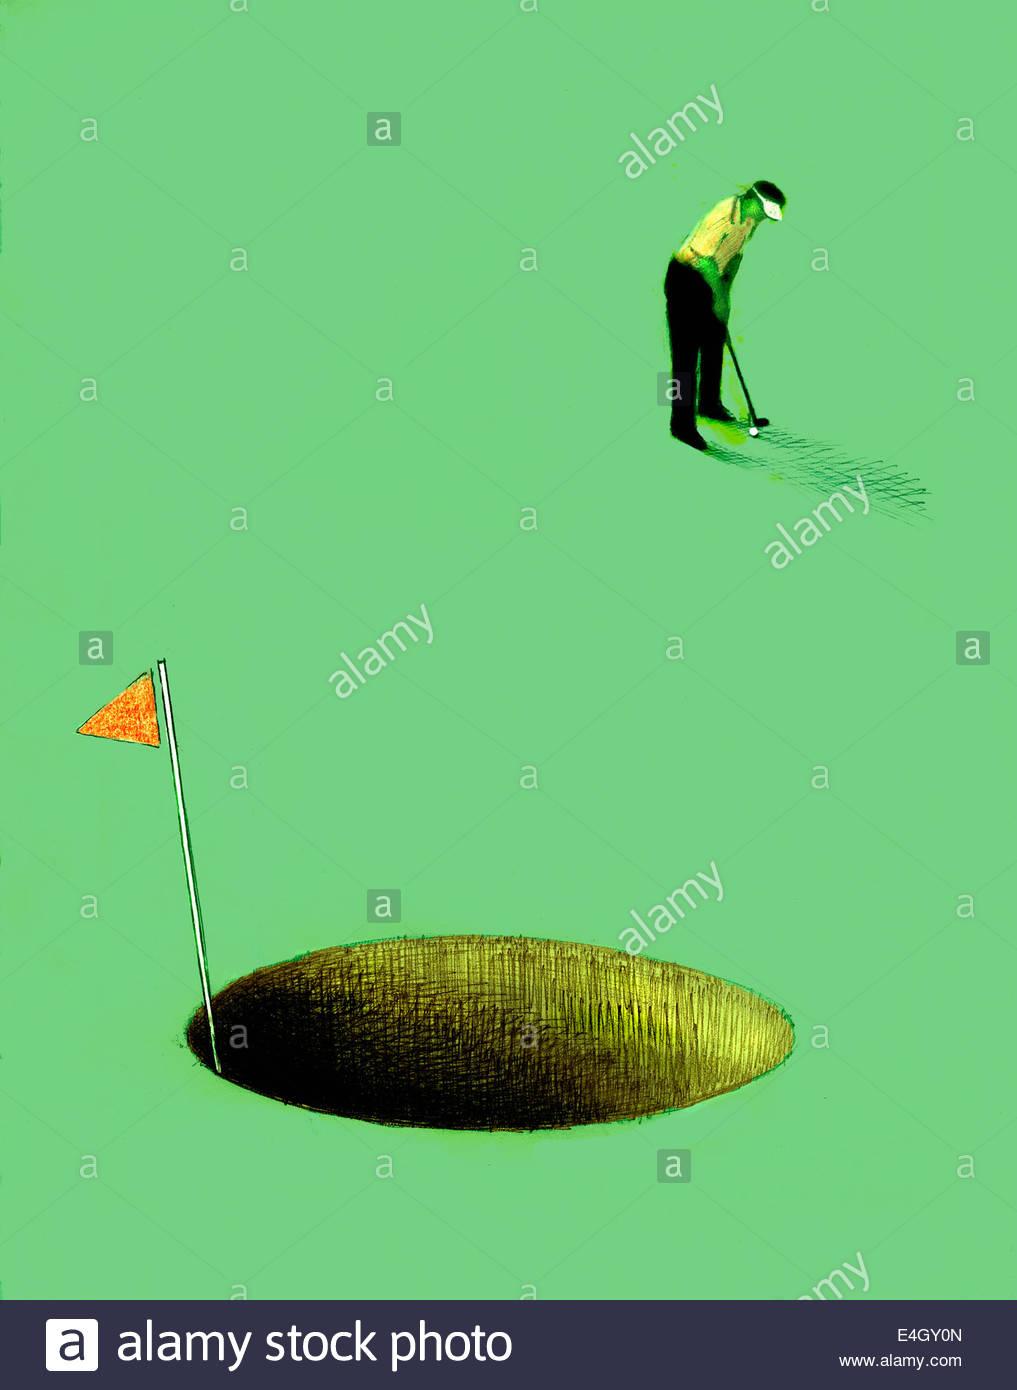 Golfer putting into oversized hole - Stock Image